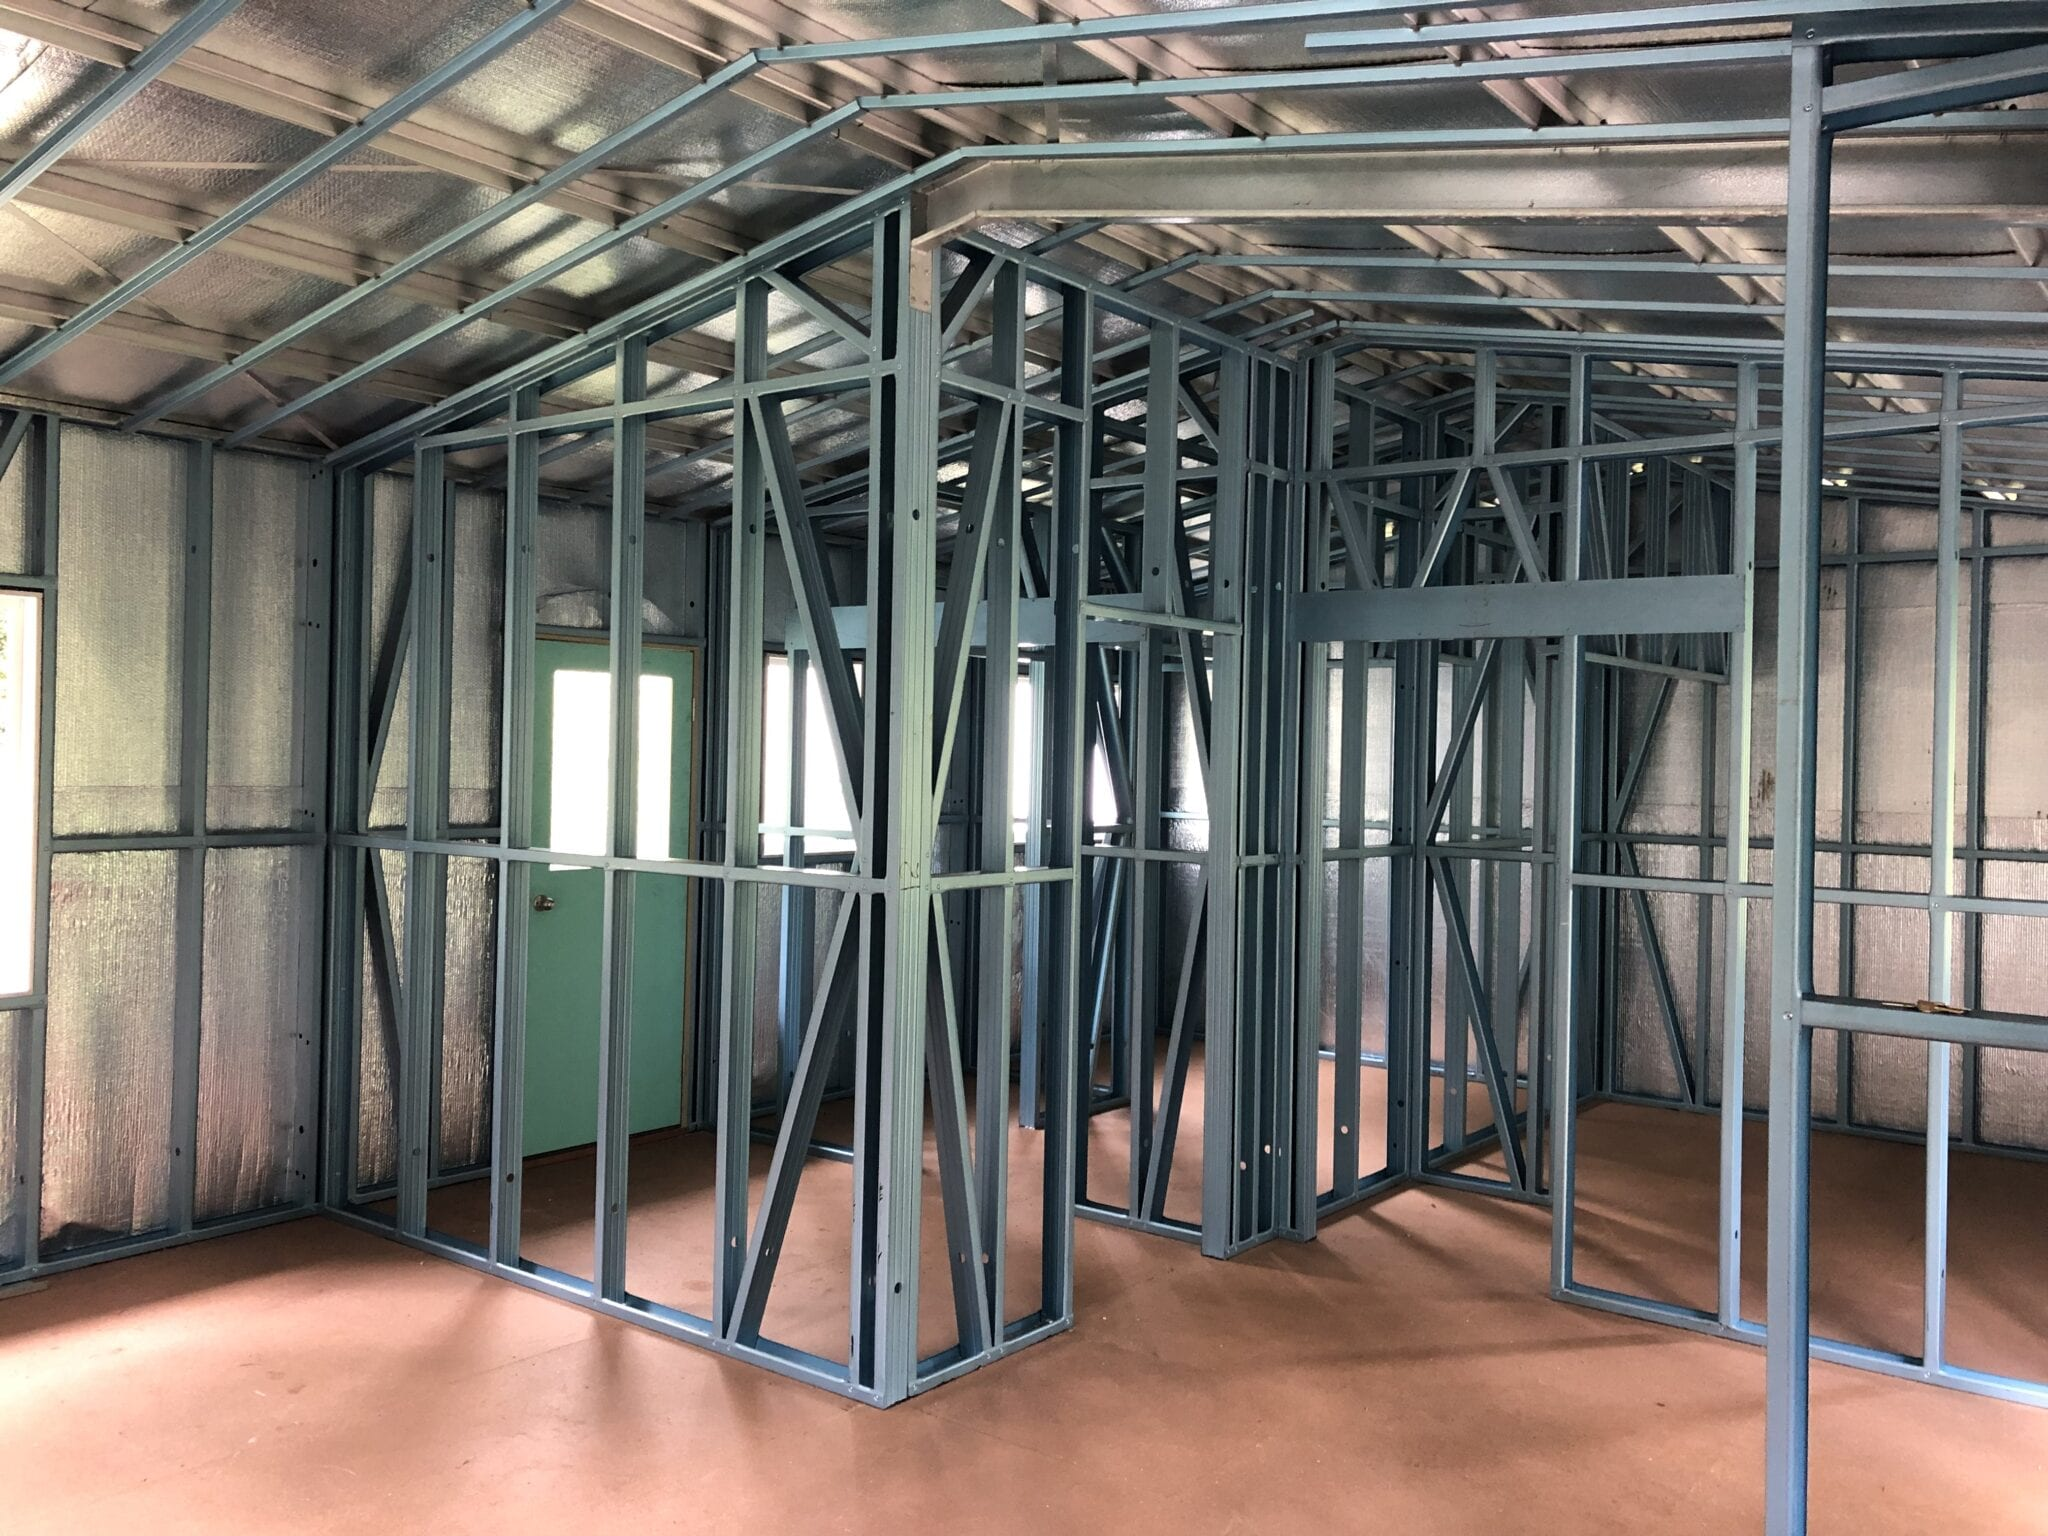 Gable stilts green livable steel frame inside